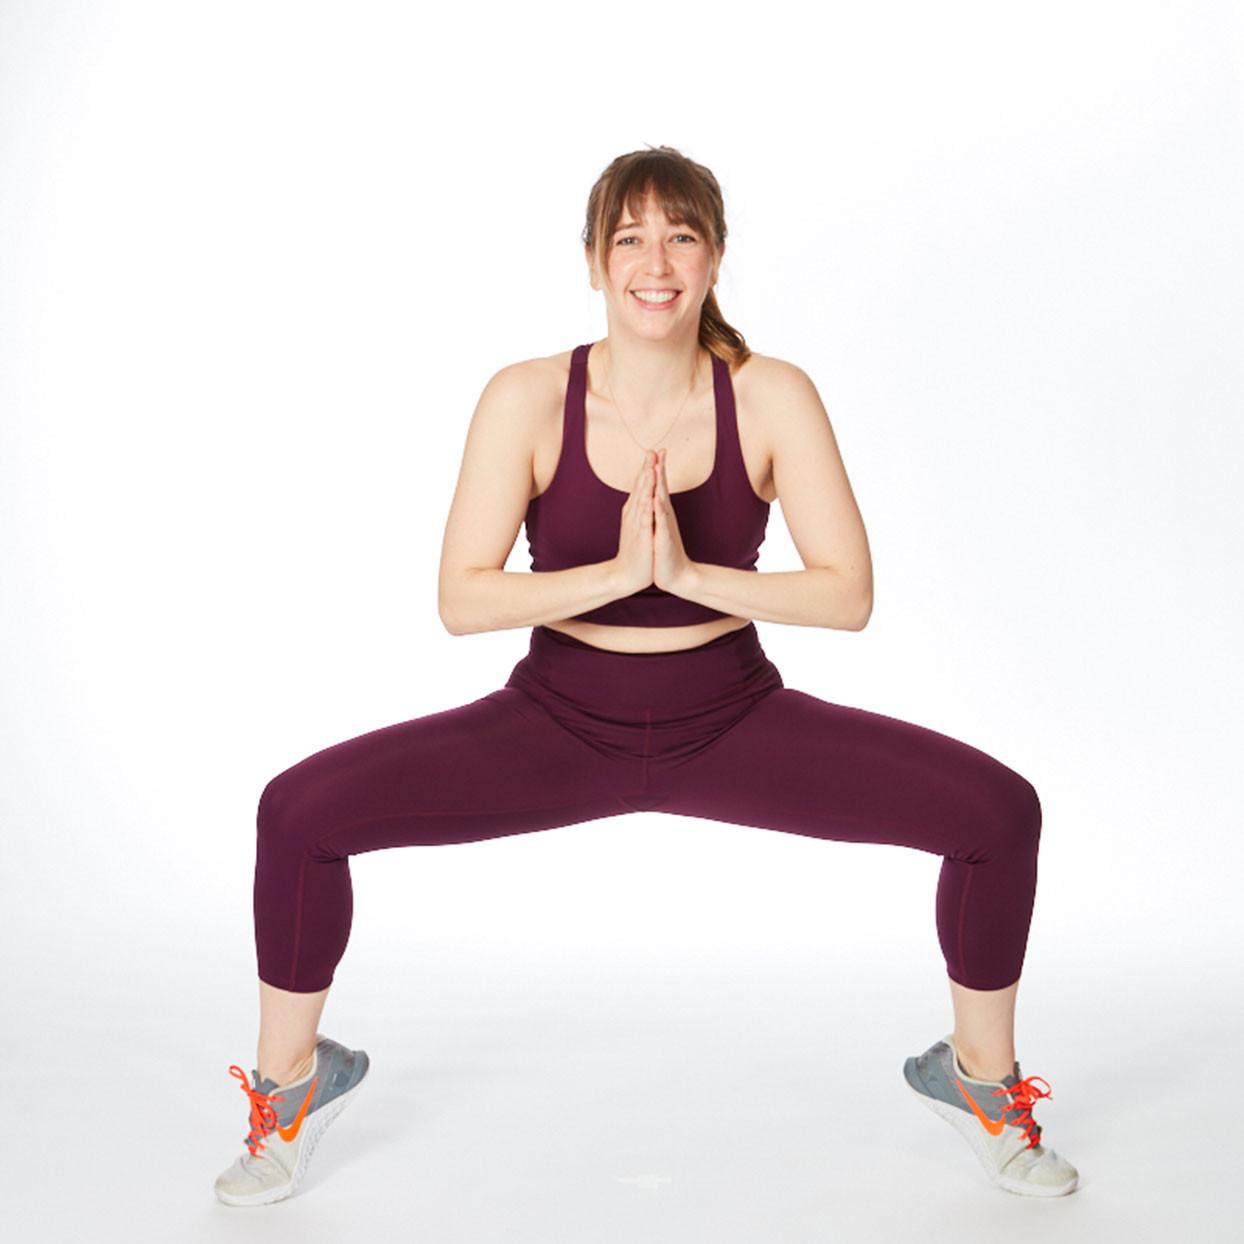 تمارين لشد الجسم - التمرين الثالث لشد الفخذ